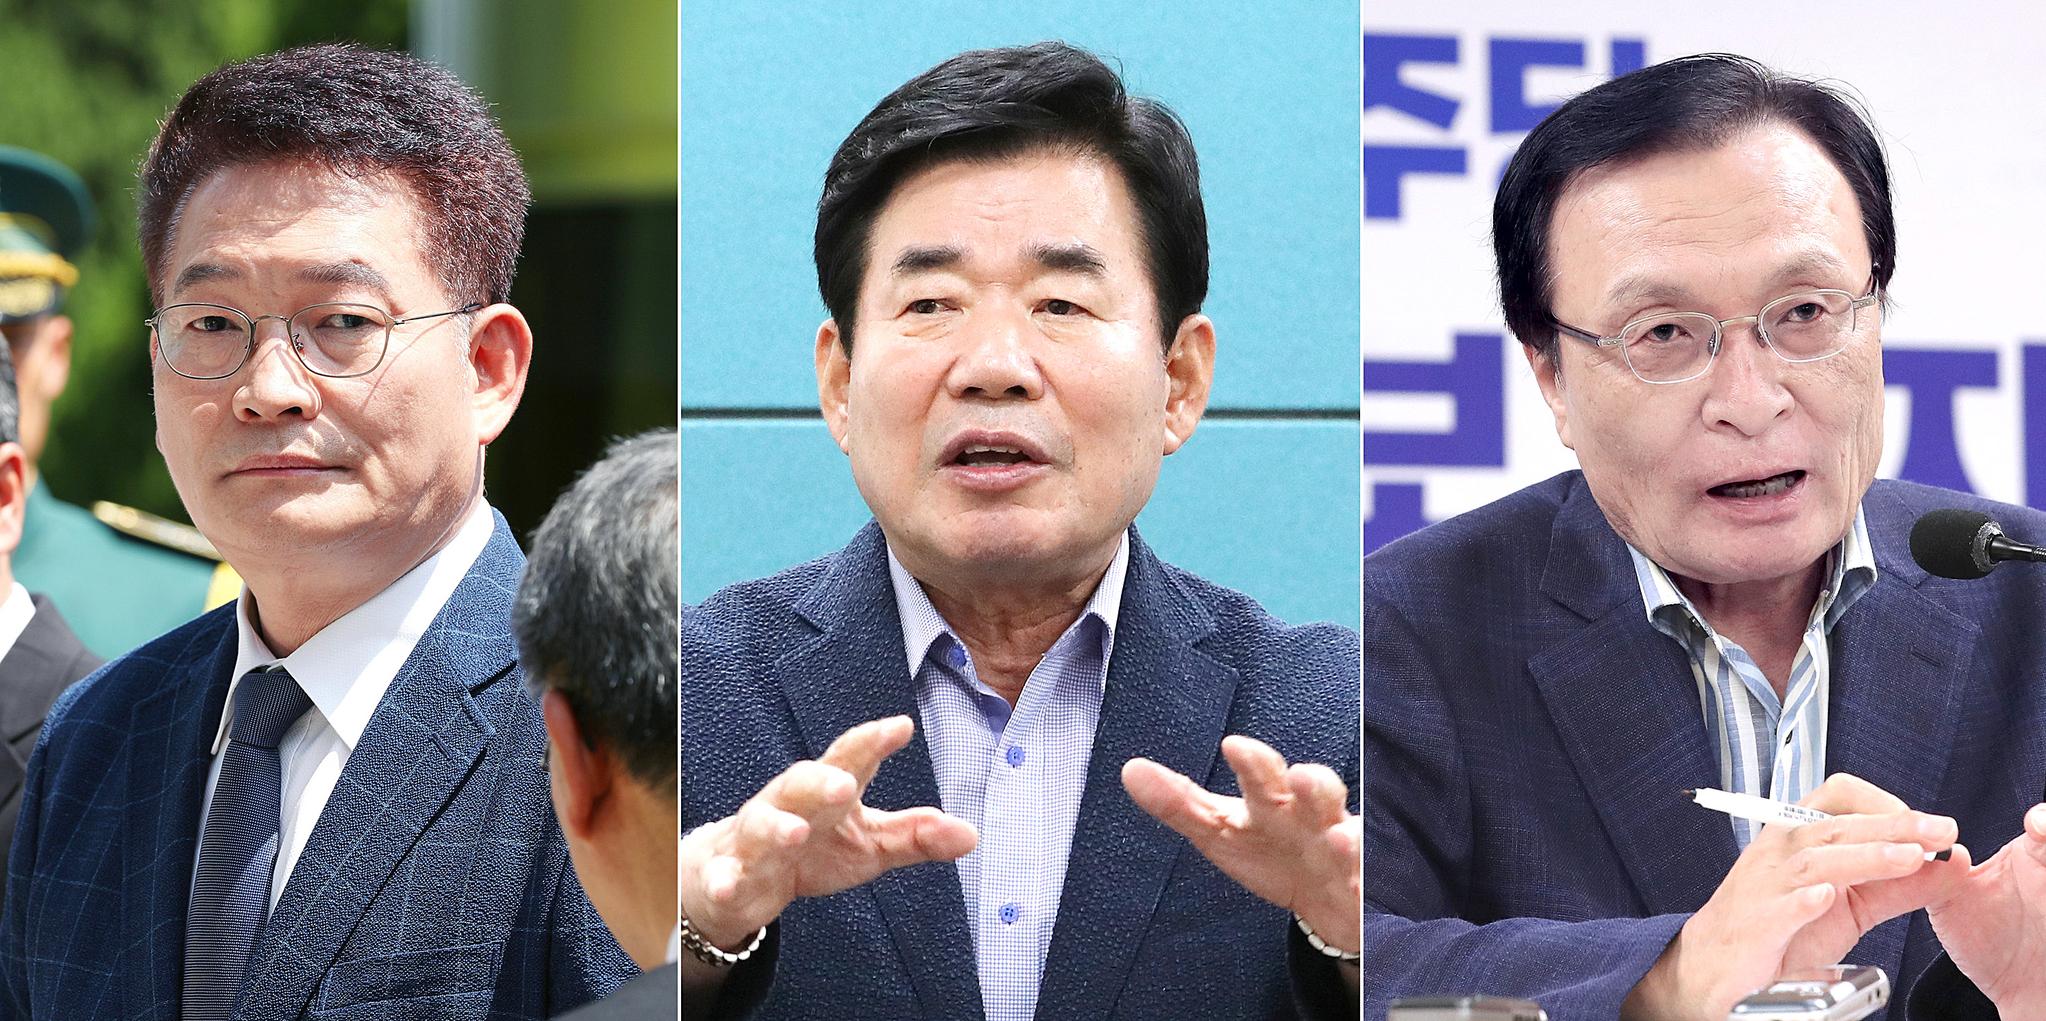 더불어민주당 당대표 후보인 송영길(왼쪽부터 기호순), 김진표, 이해찬 후보. [연합뉴스]